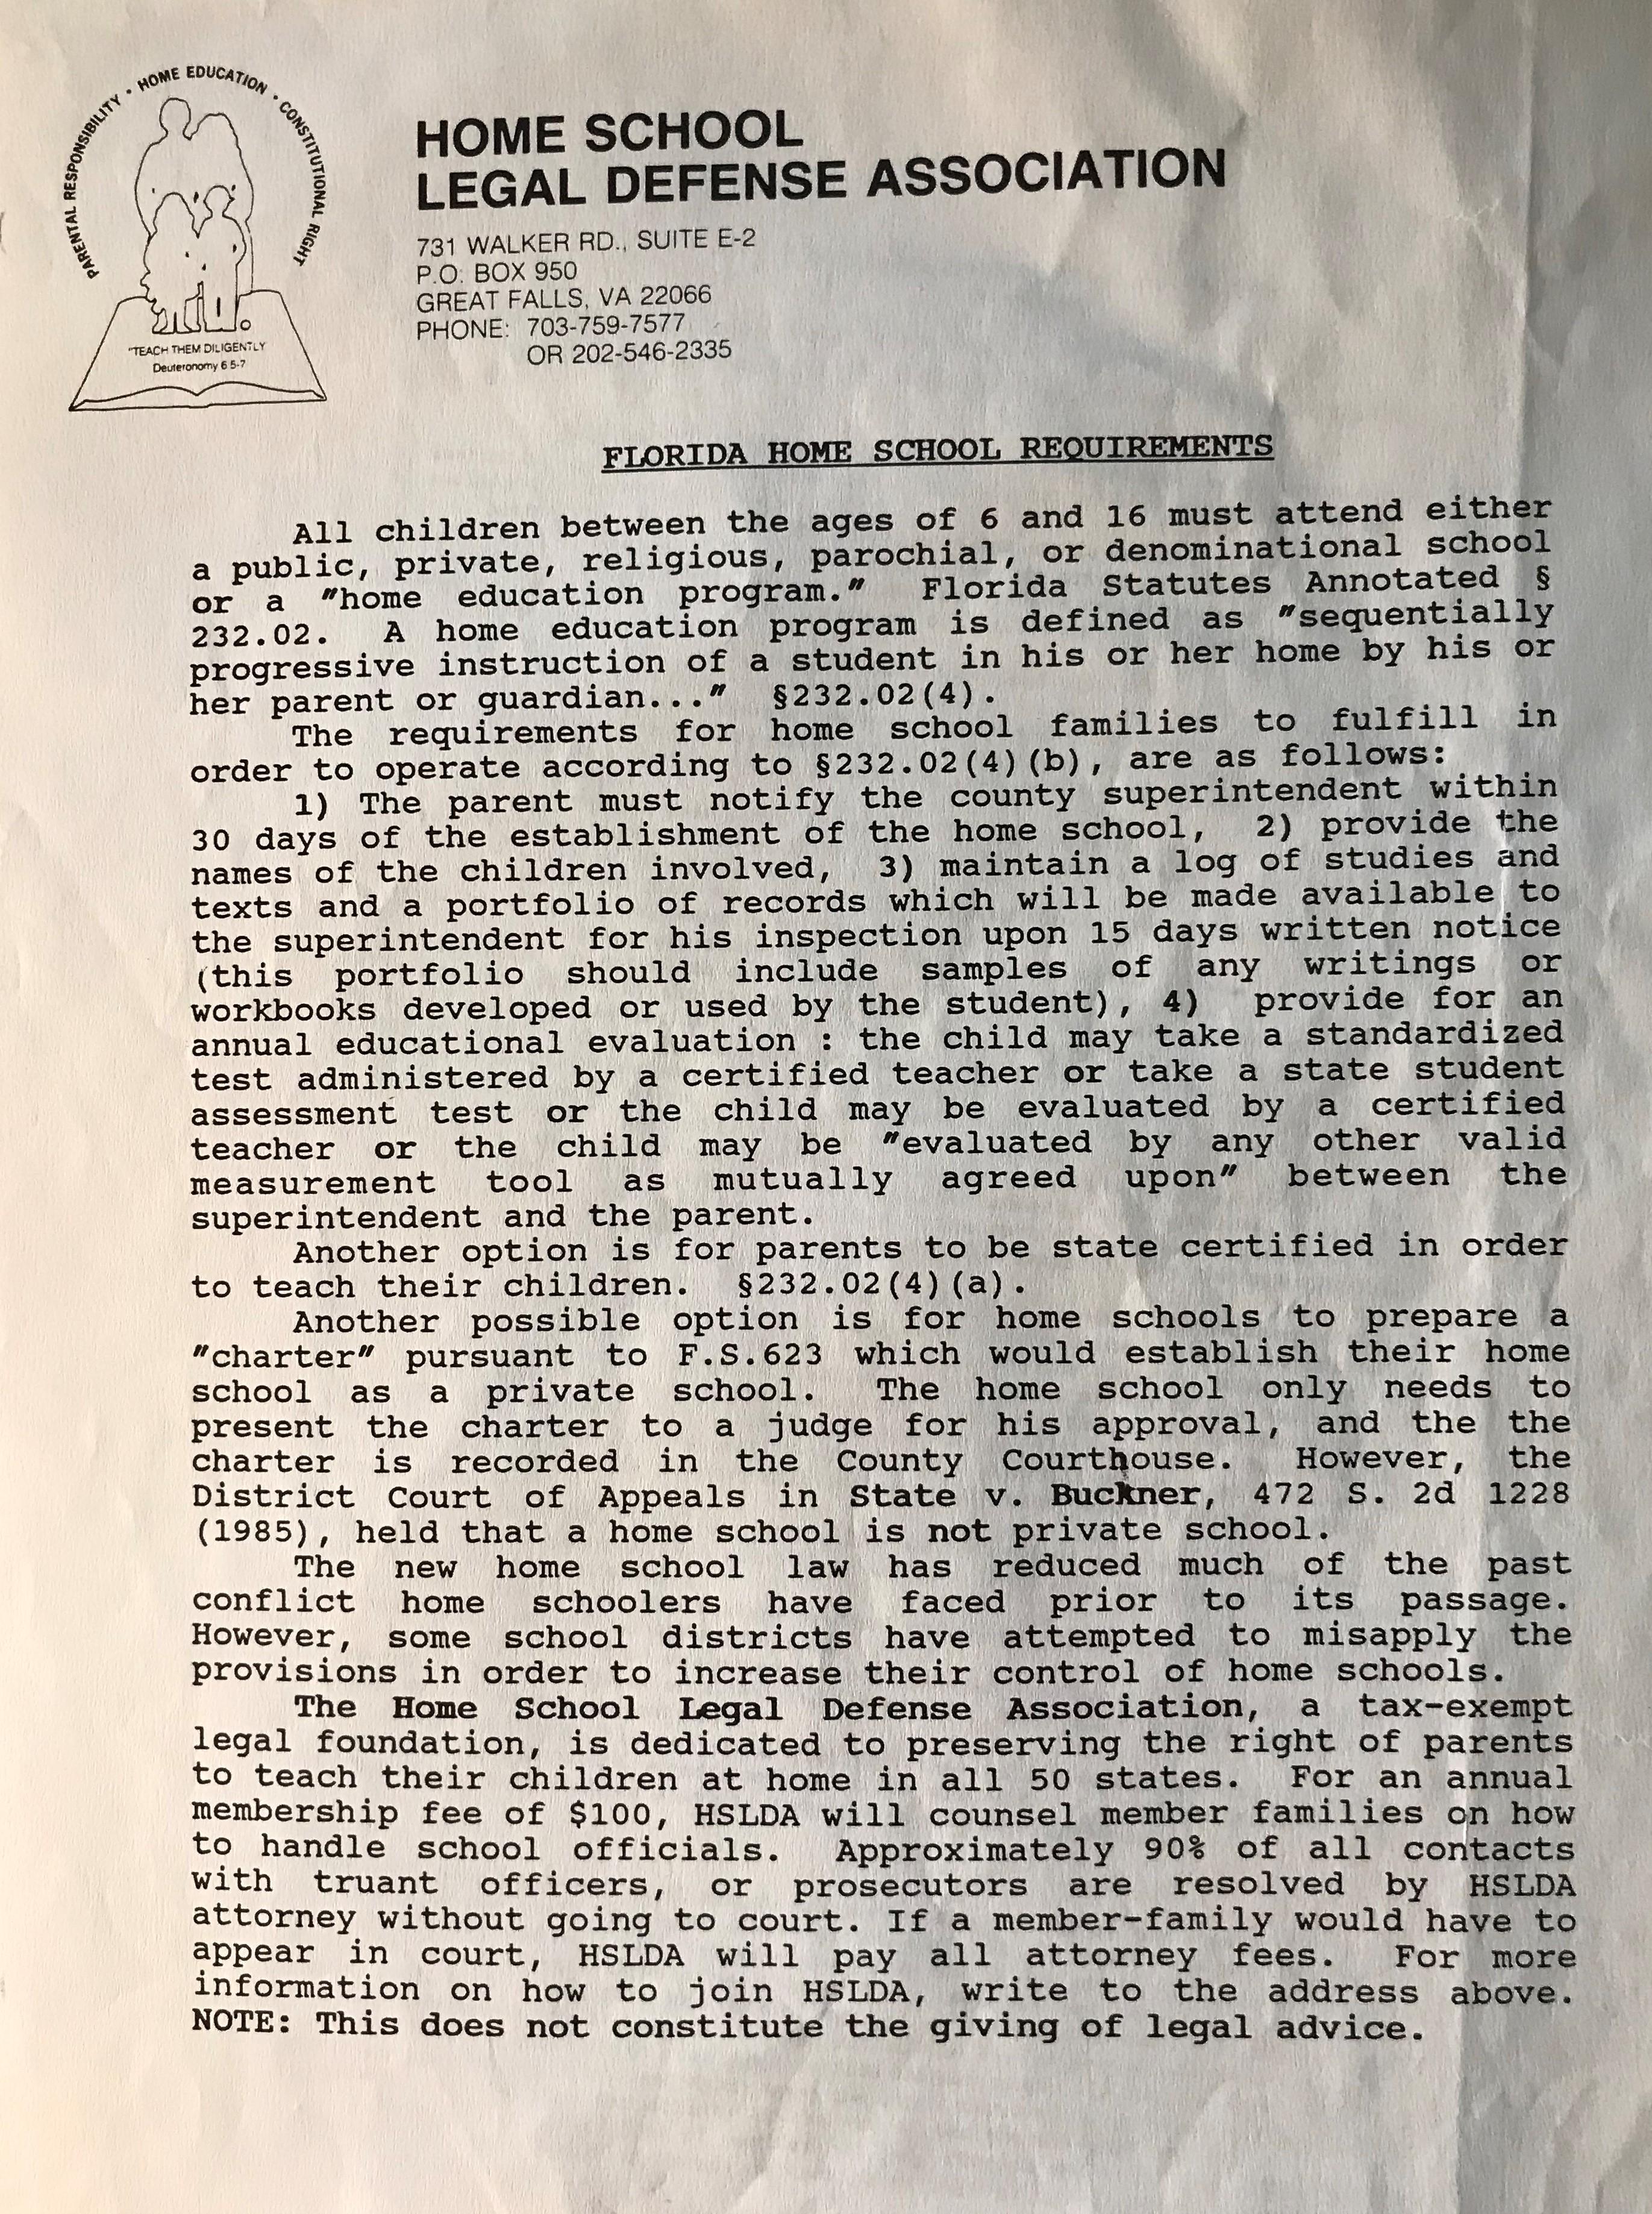 HSLDA Florida Home School Laws 1985